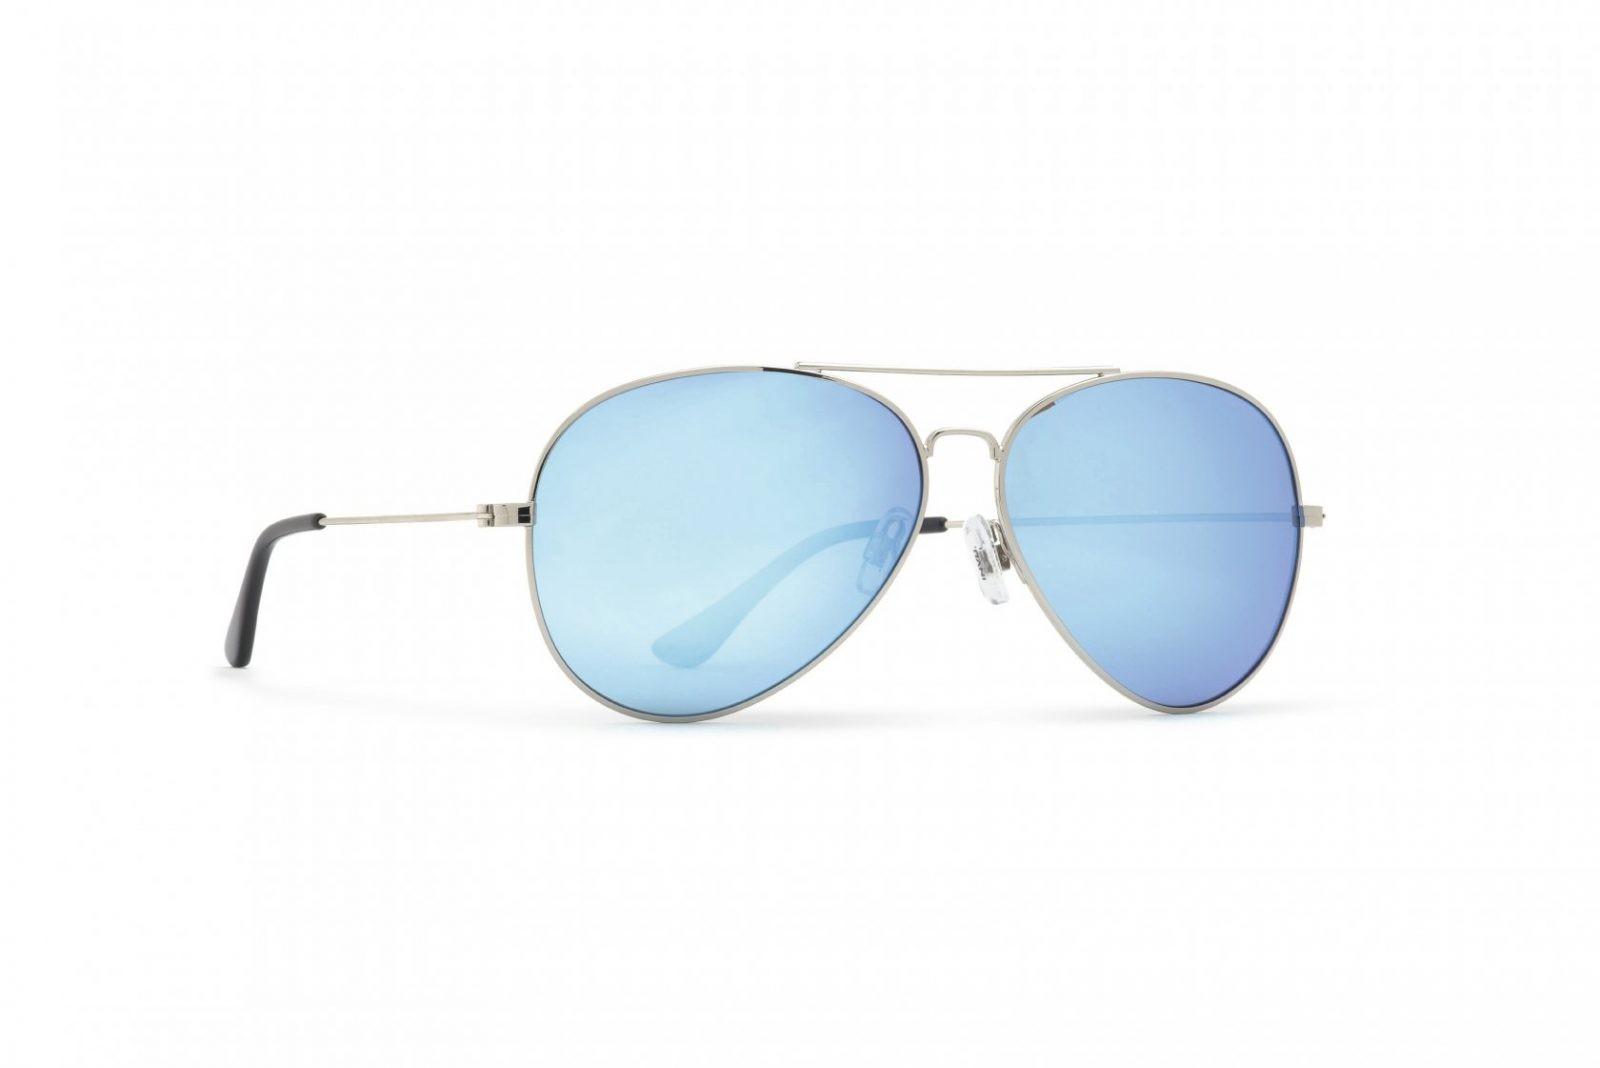 INVU Мъжки слънчеви очила с поляризация B1411E - Сива рамка и огледални сини стъкла